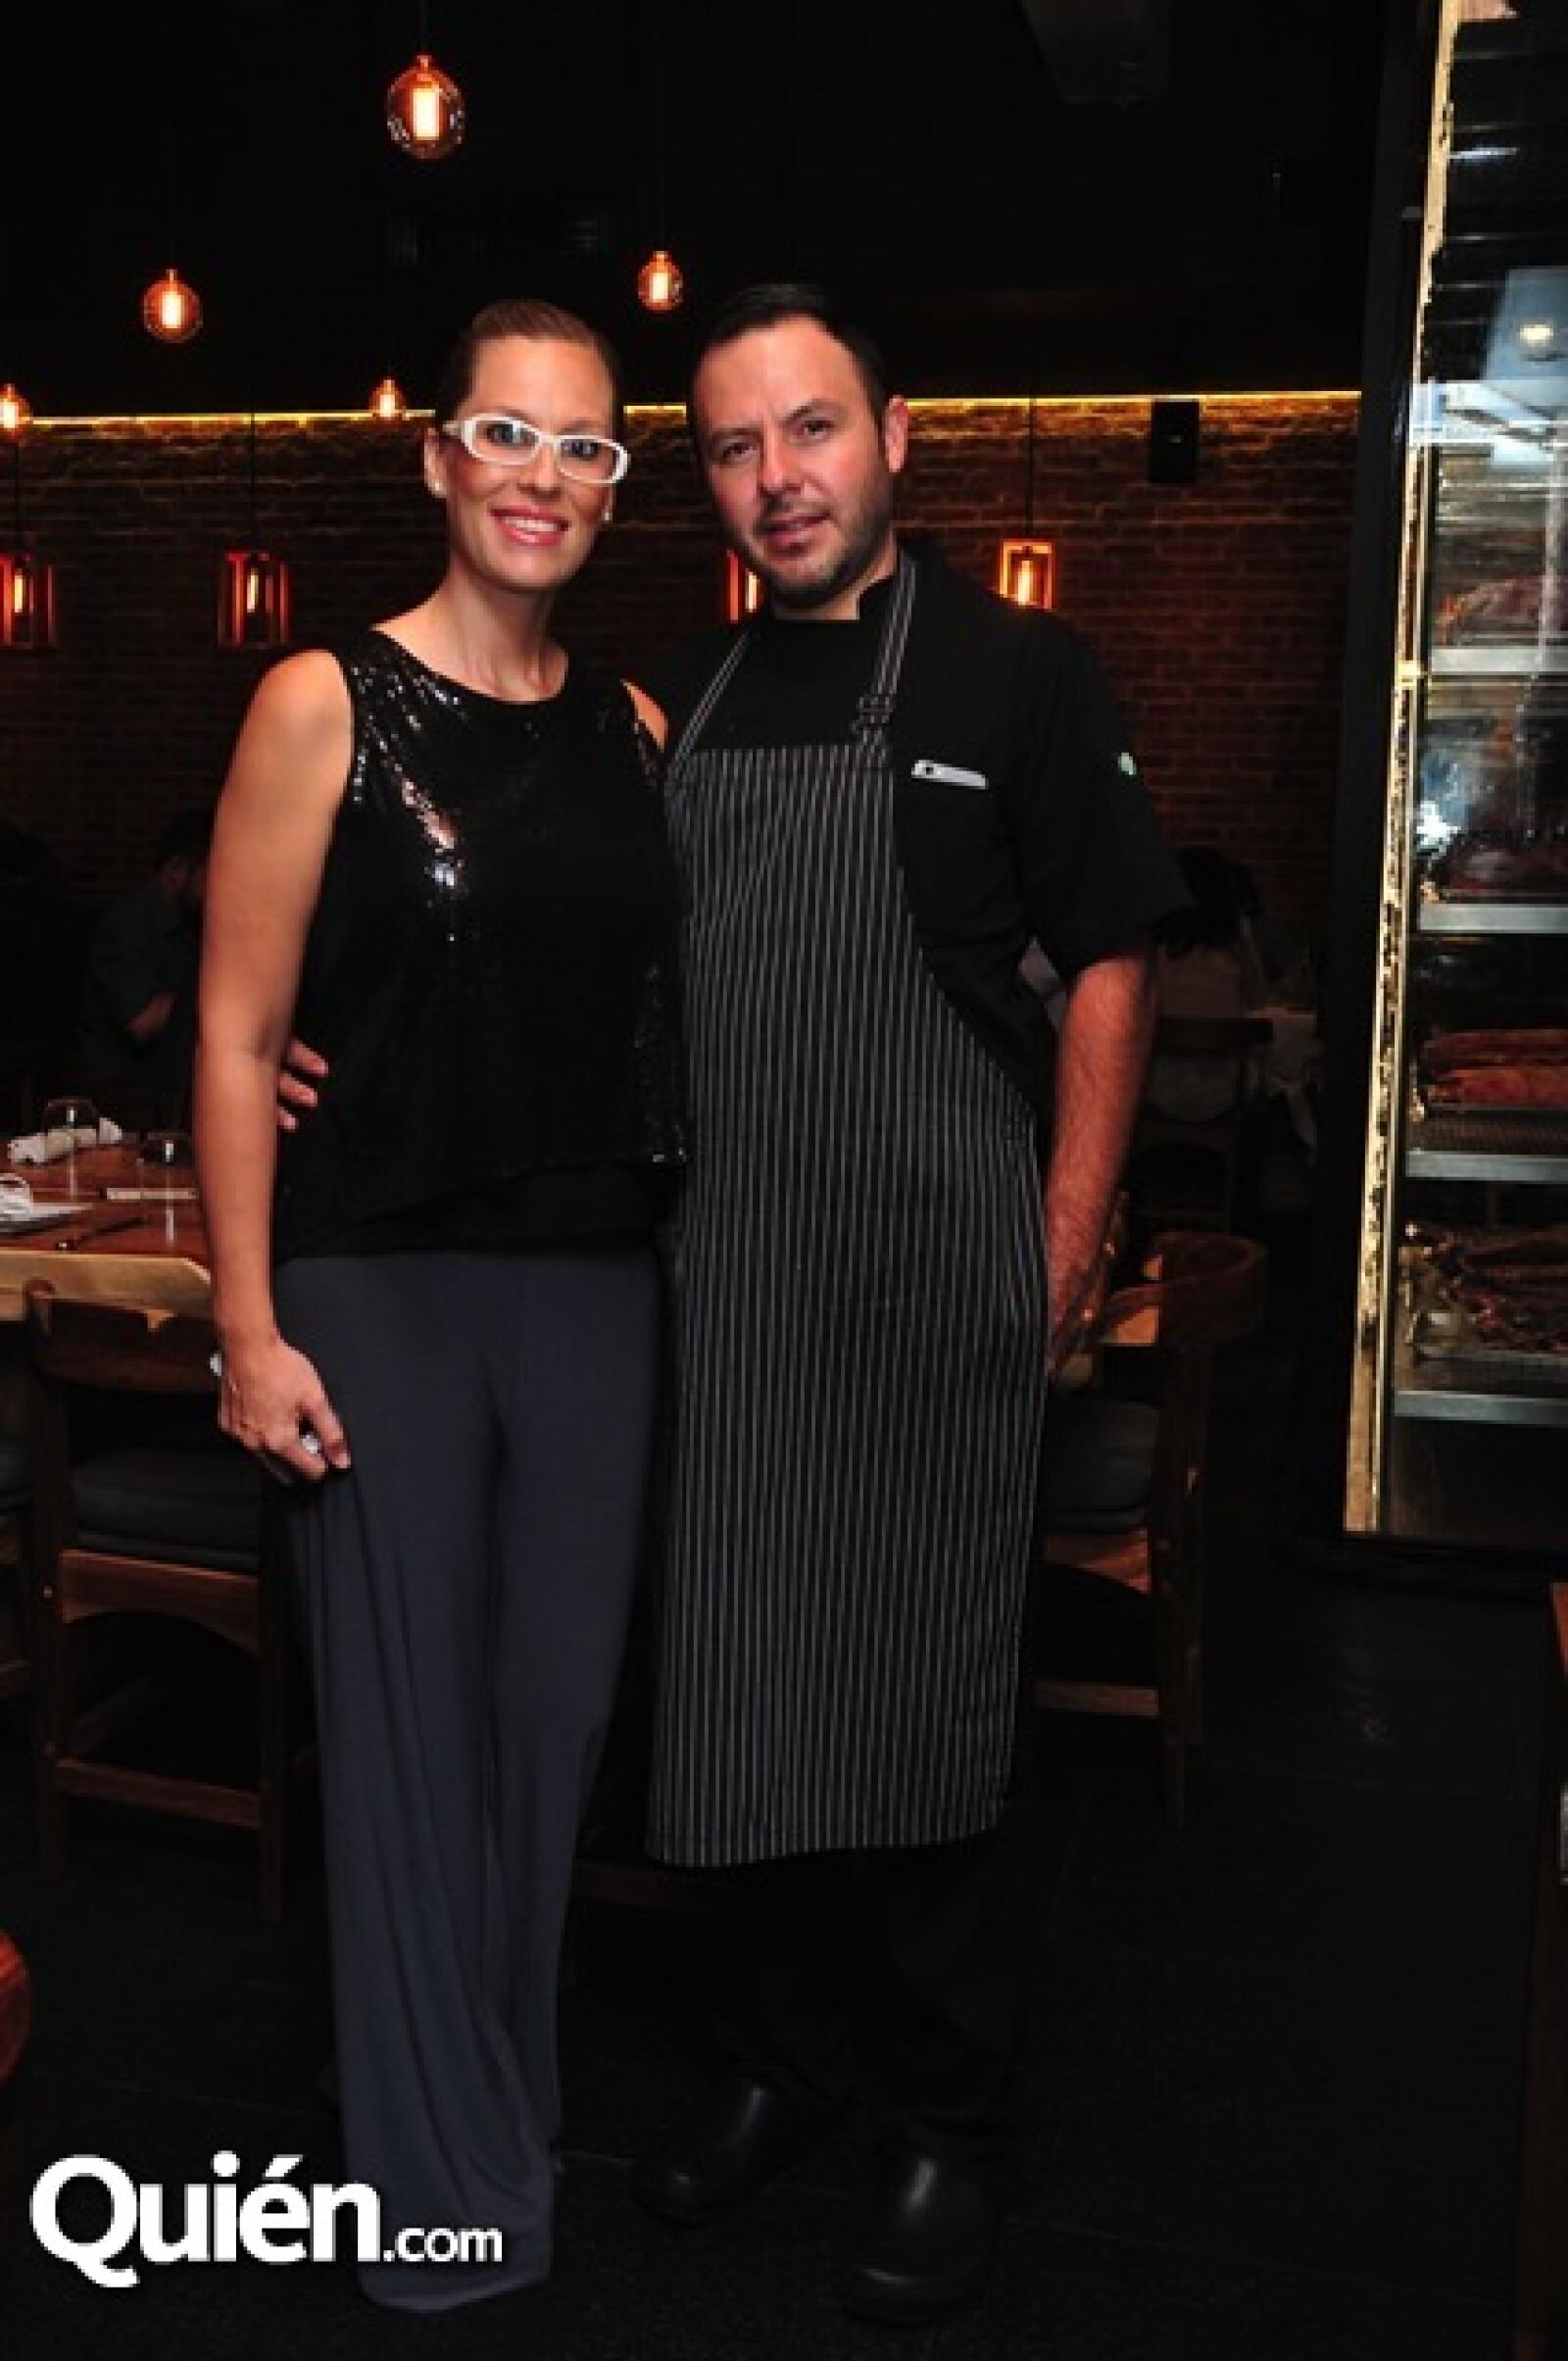 Florencia Covarrubias y Juan Pedro Navarro